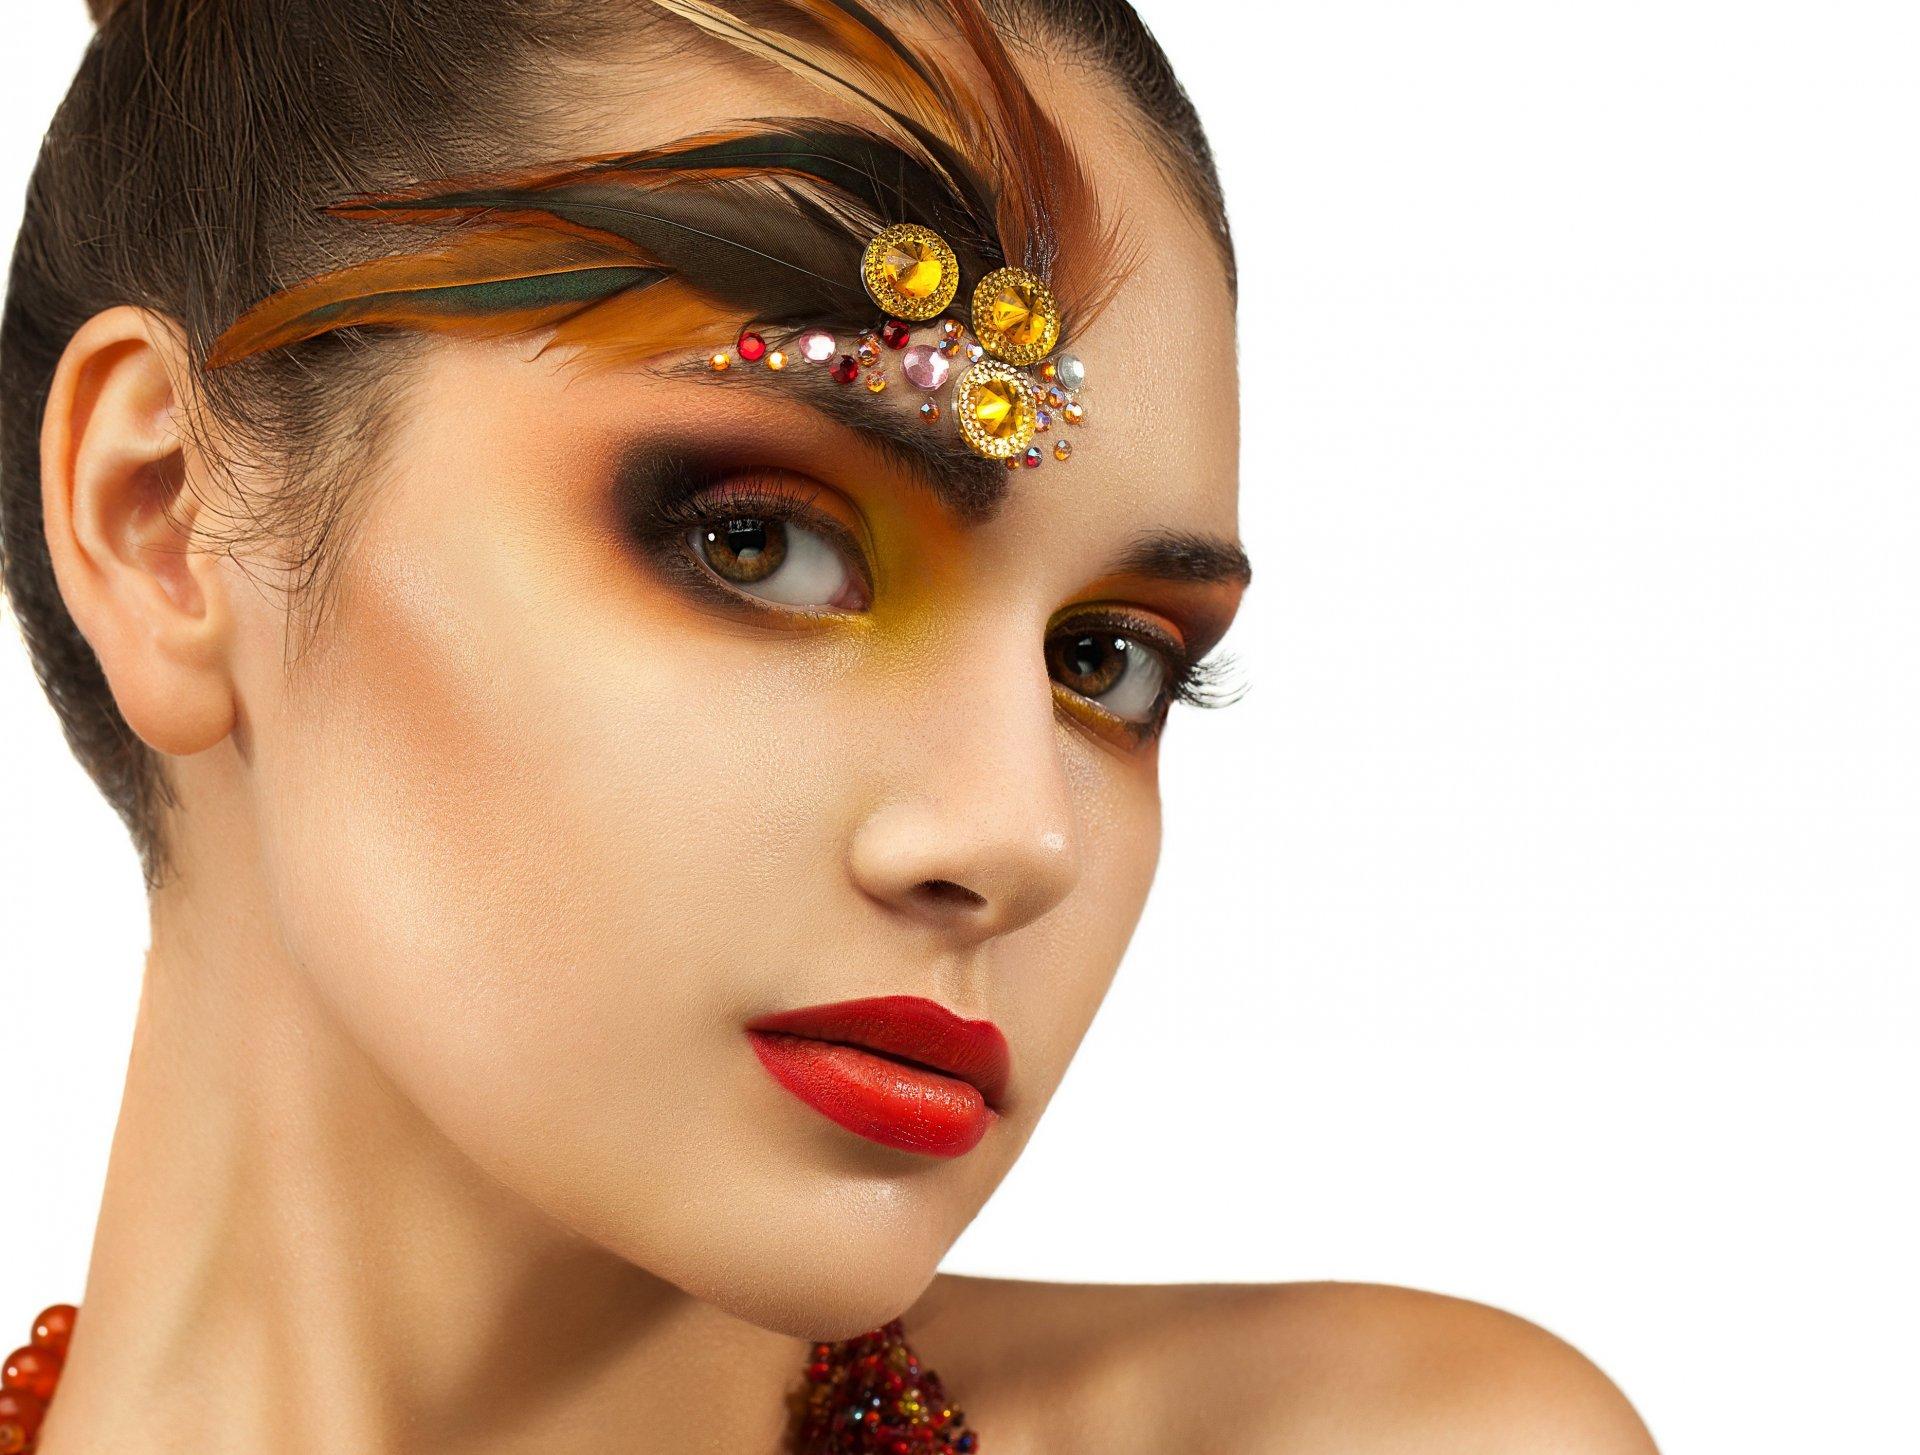 Фото девушек с разным макияжем